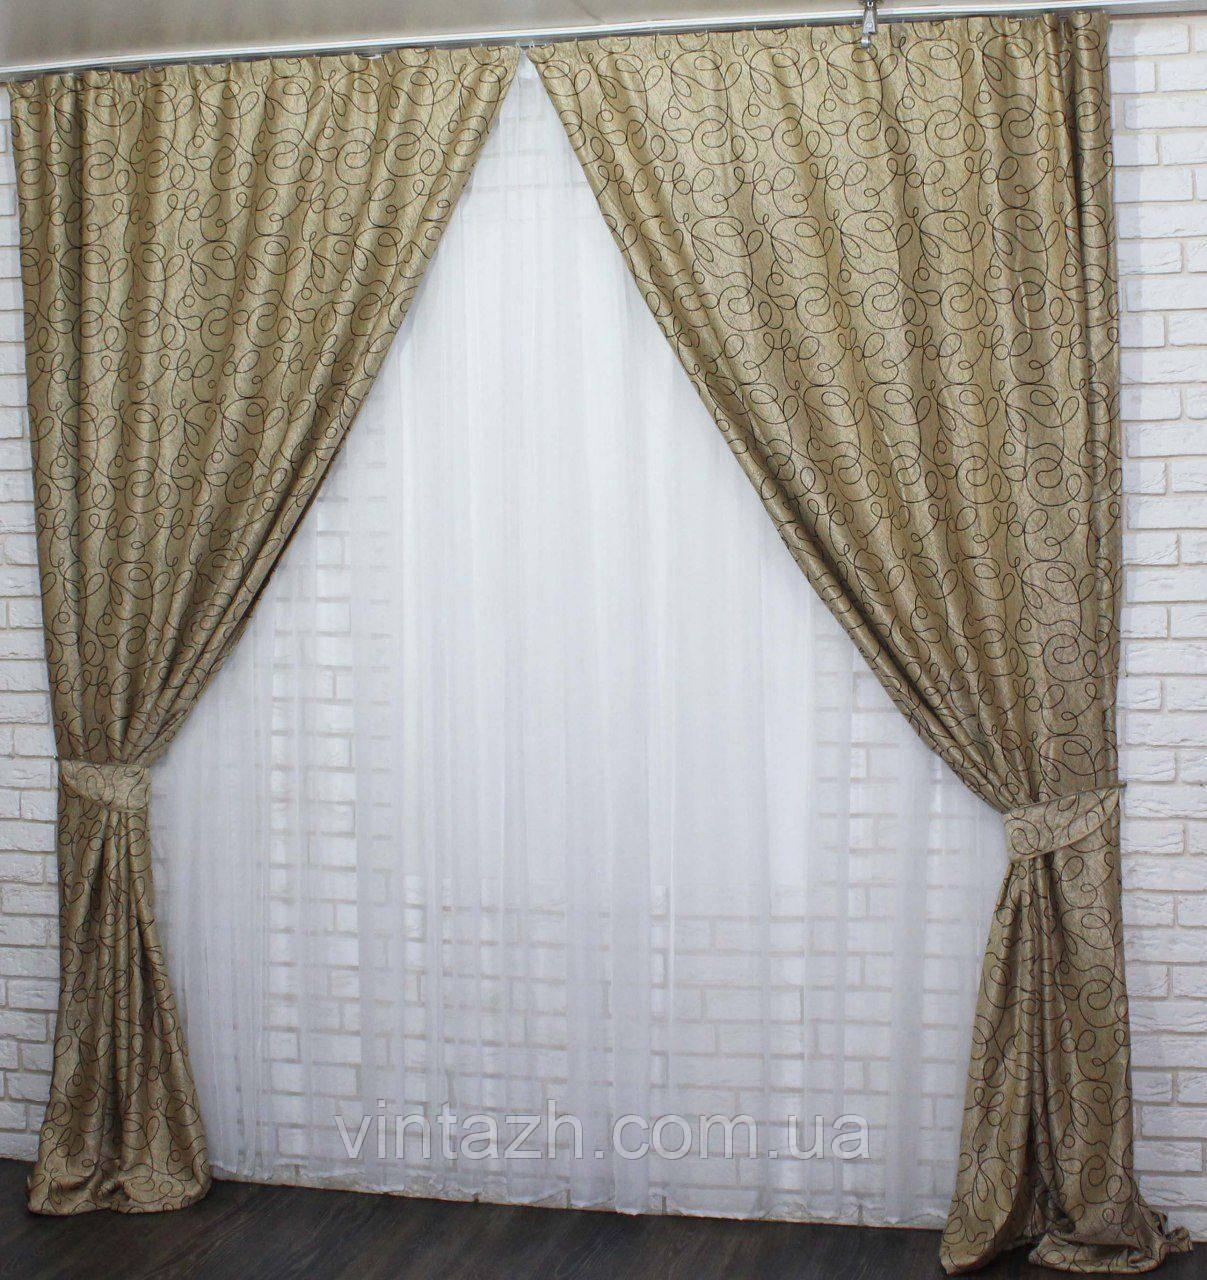 Комплект плотных красивых штор недорого от производителя